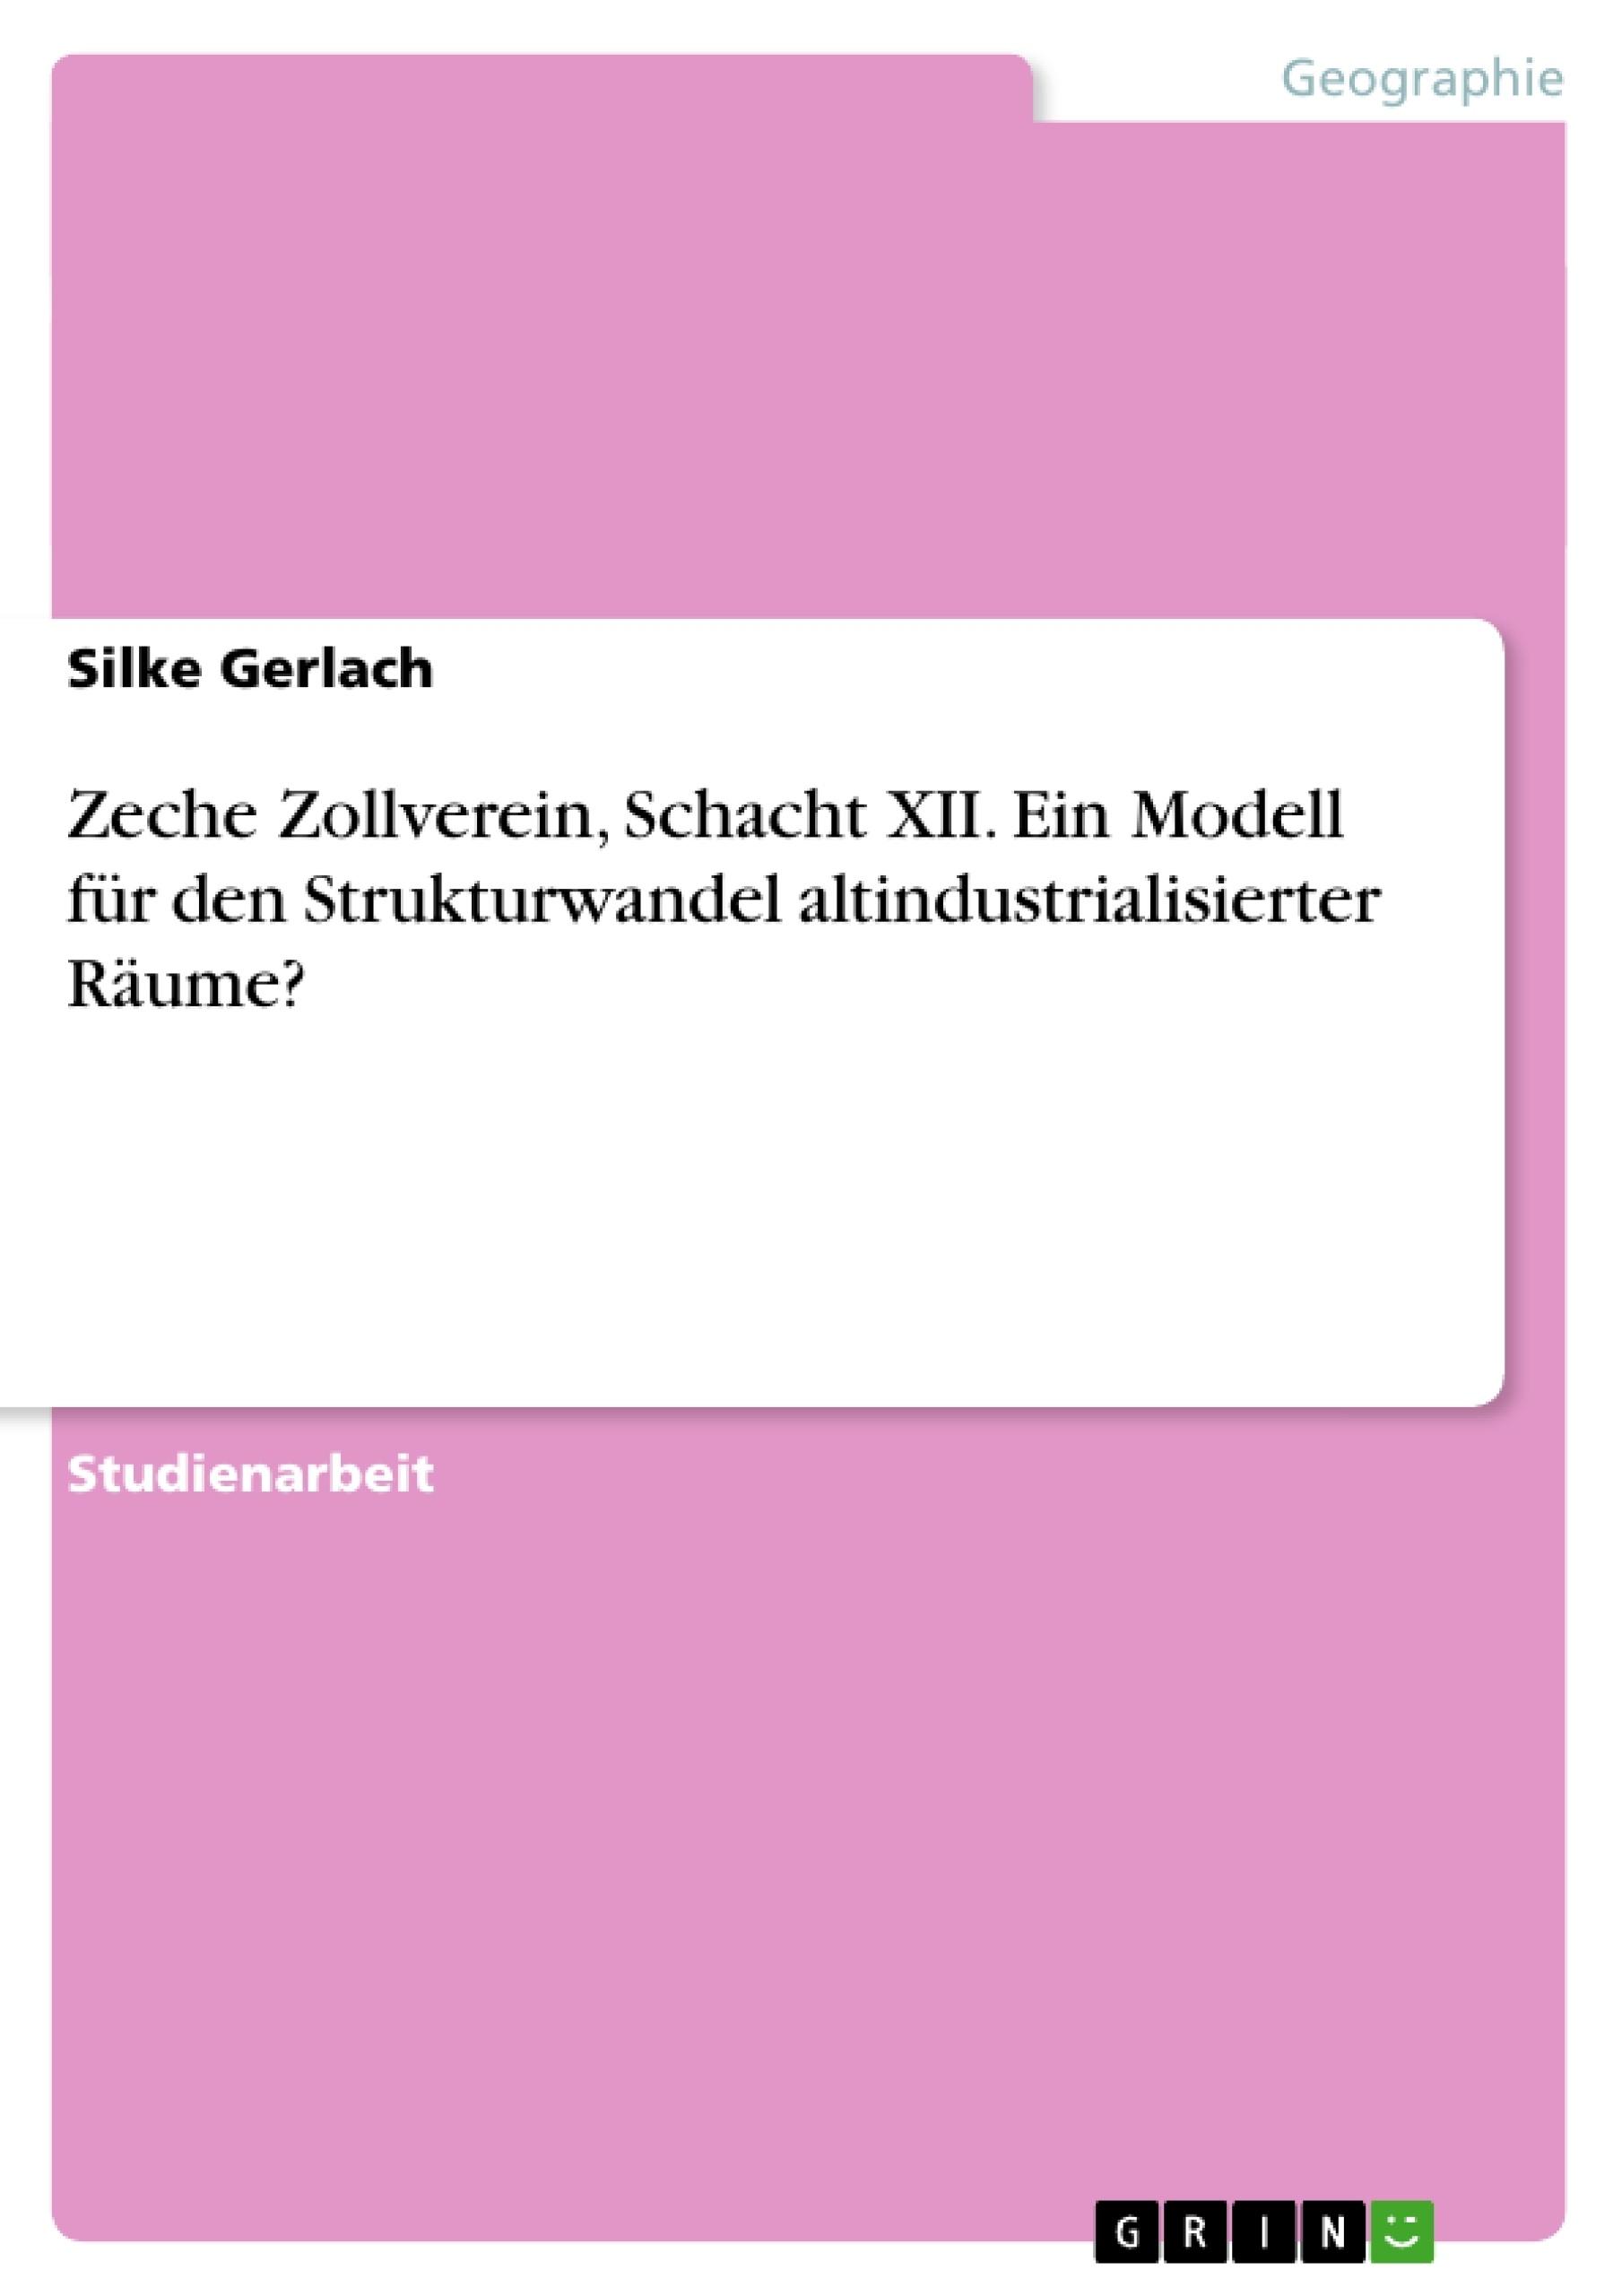 Titel: Zeche Zollverein, Schacht XII. Ein Modell für den Strukturwandel altindustrialisierter Räume?